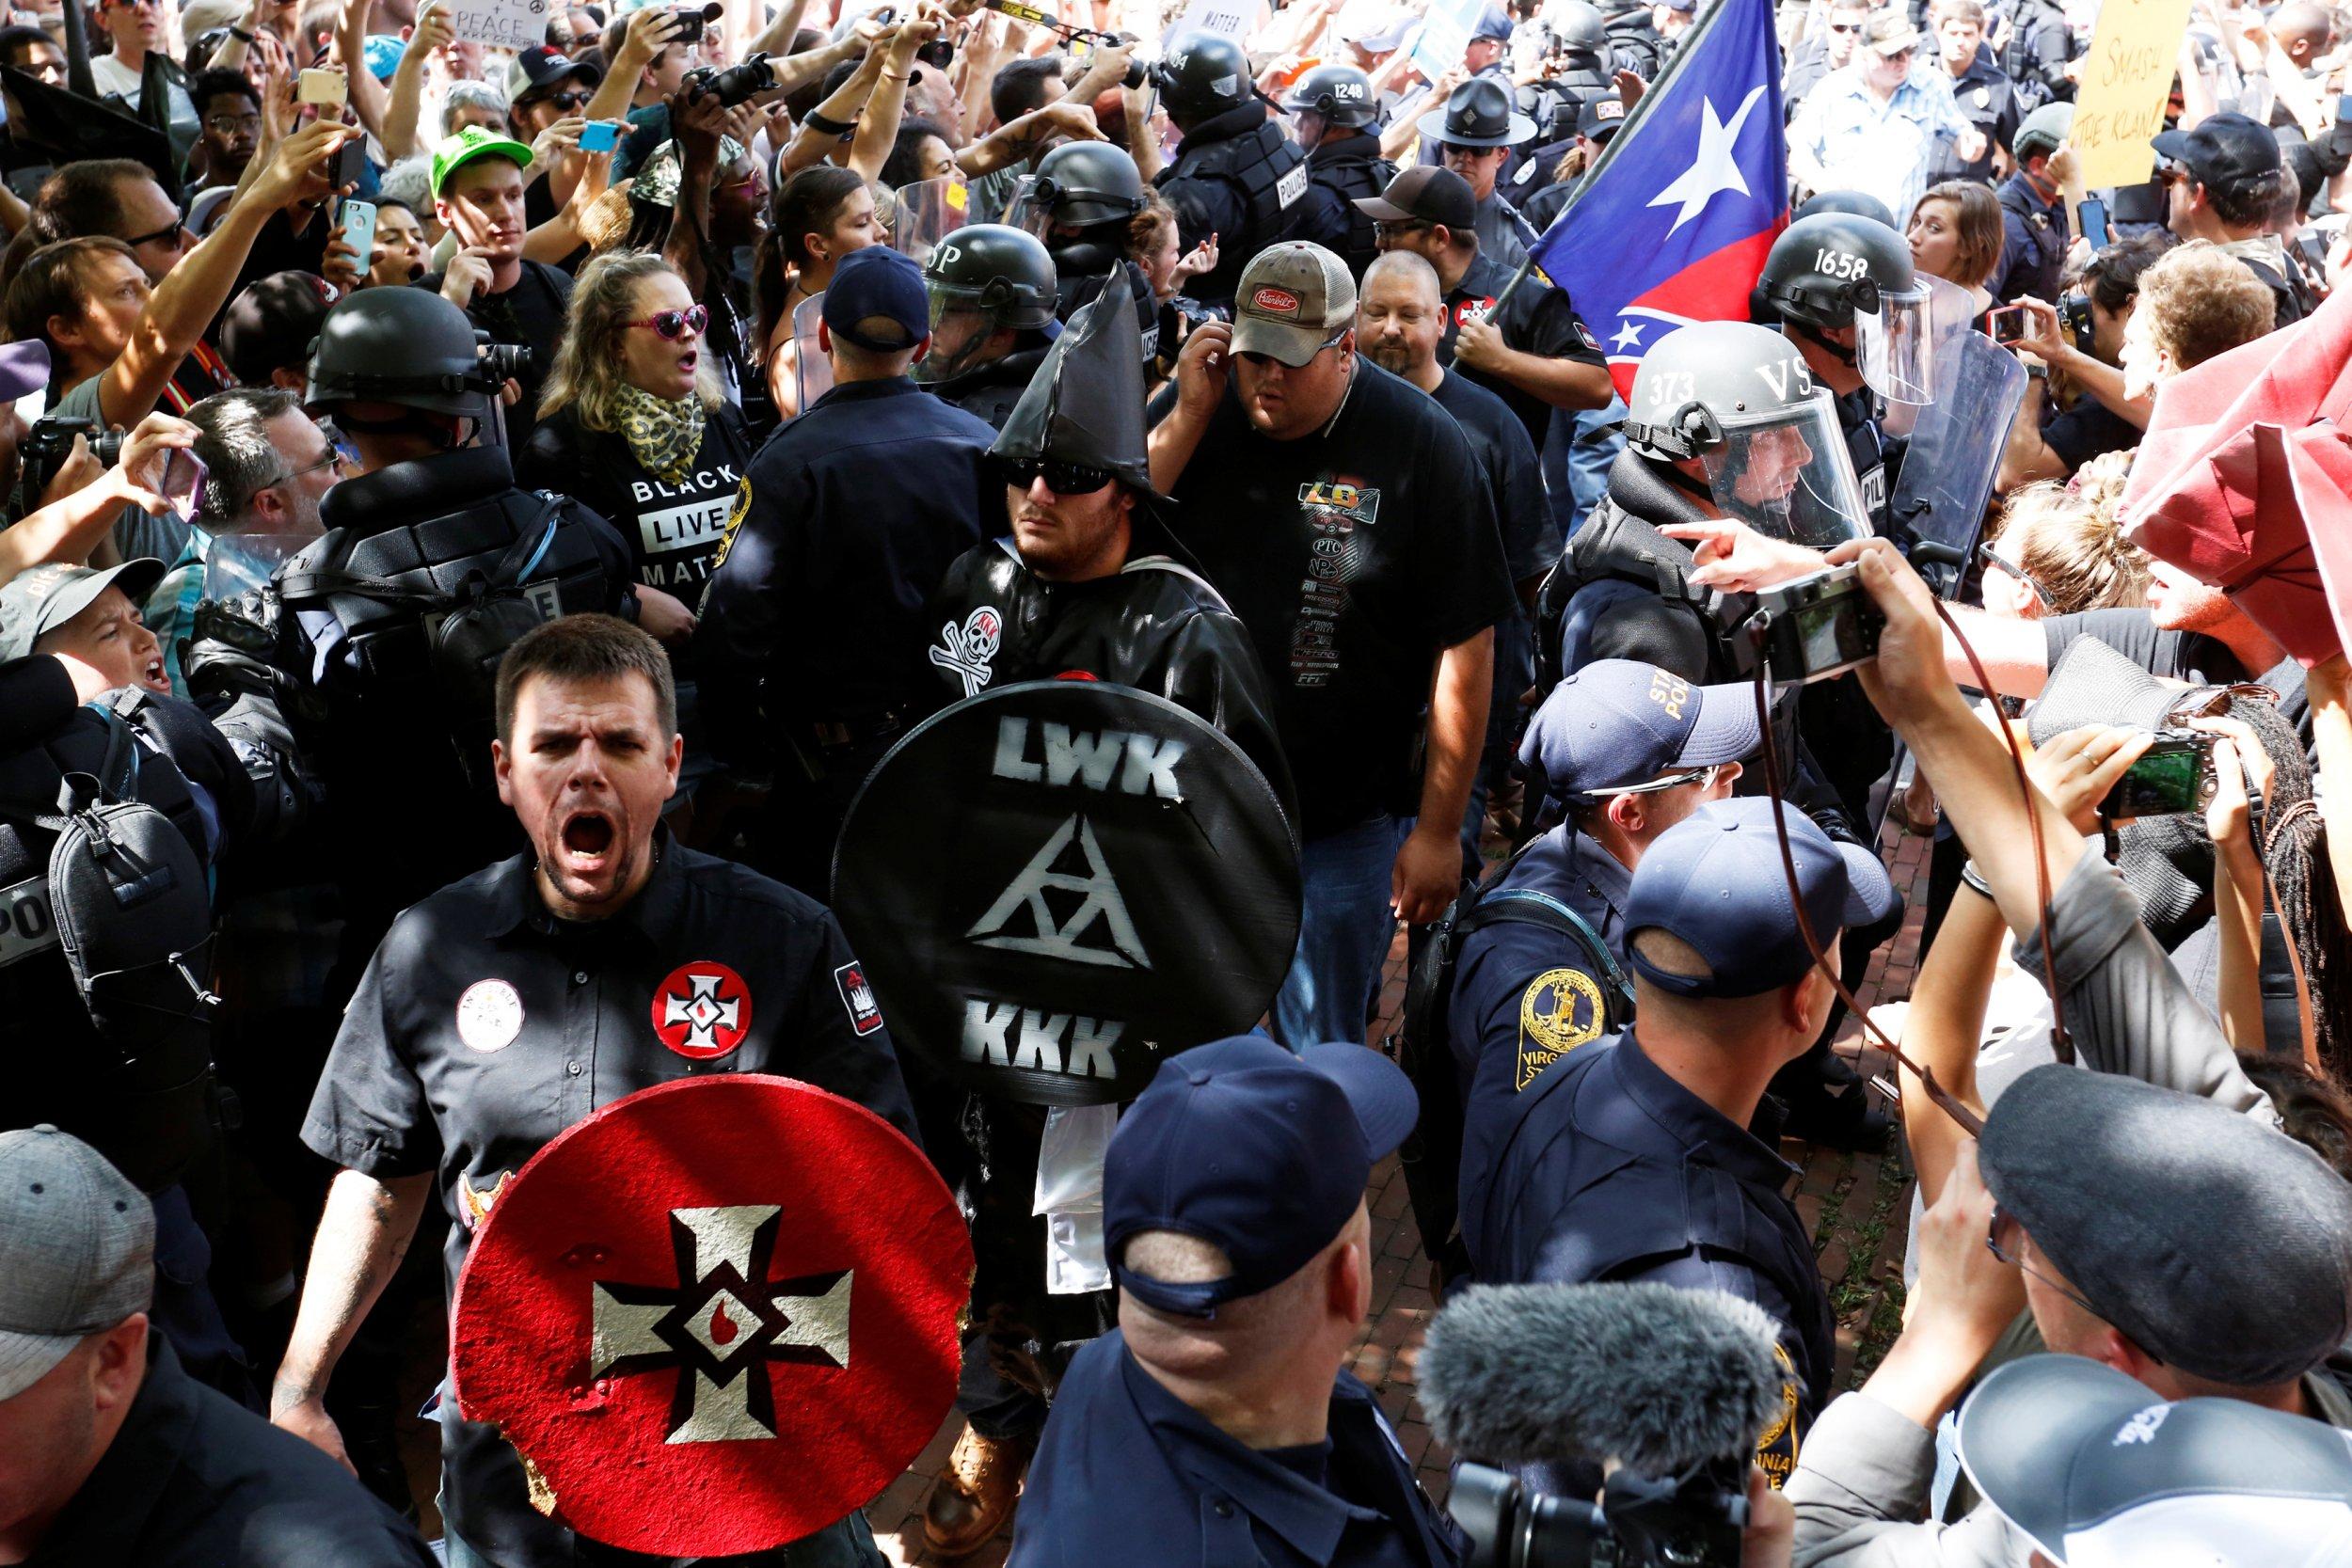 Charlottesville, VA riots